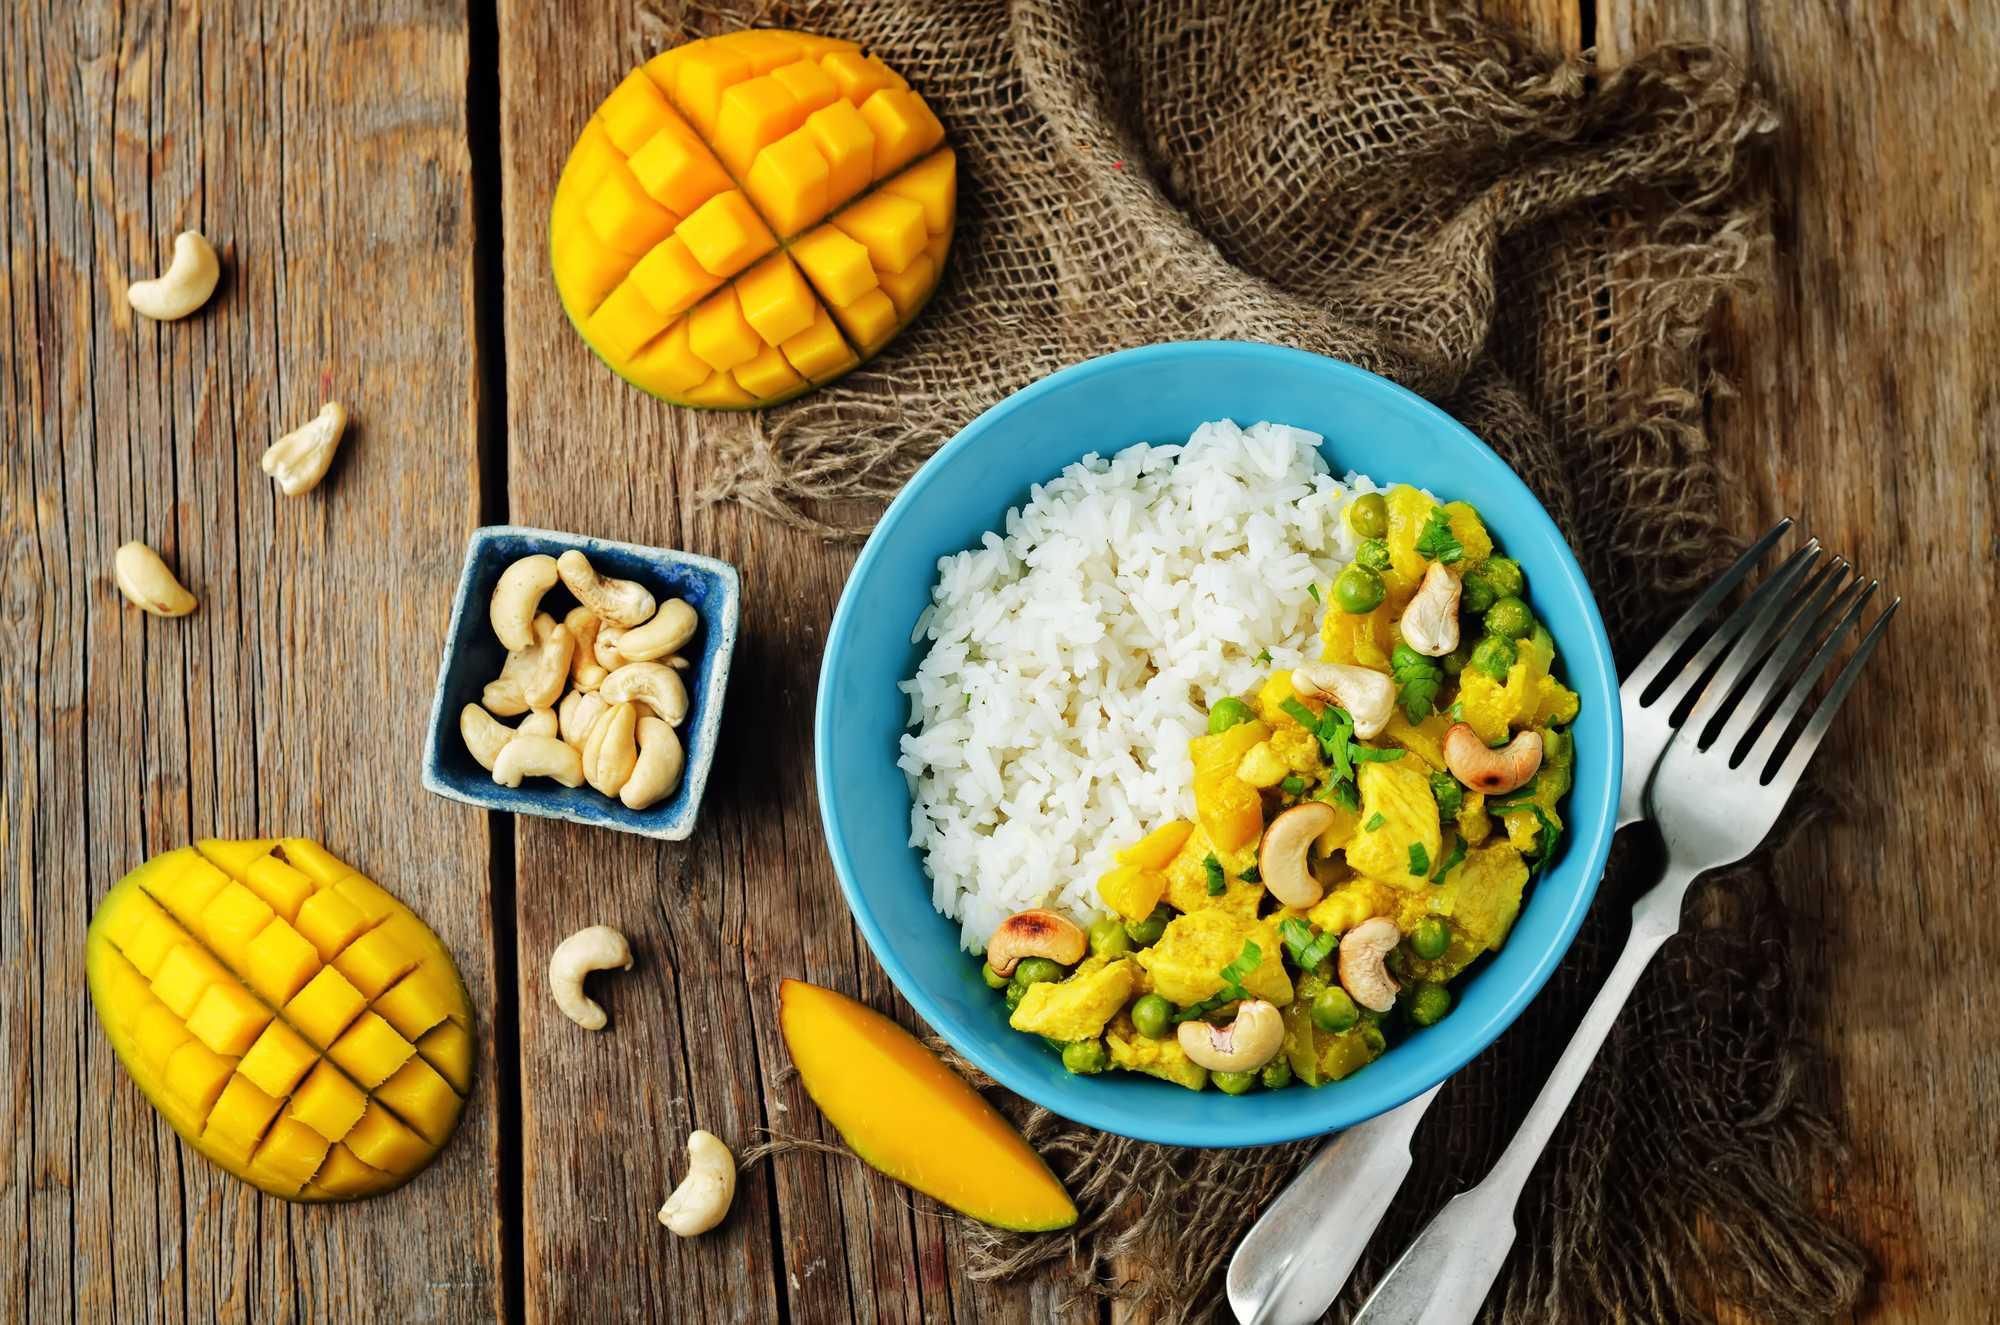 Dans un grand bol de couleur bleu, se trouve le poulet accompagné avec du riz. Sur la table une mangue sans sa peau est prédécoupée en petits dés.